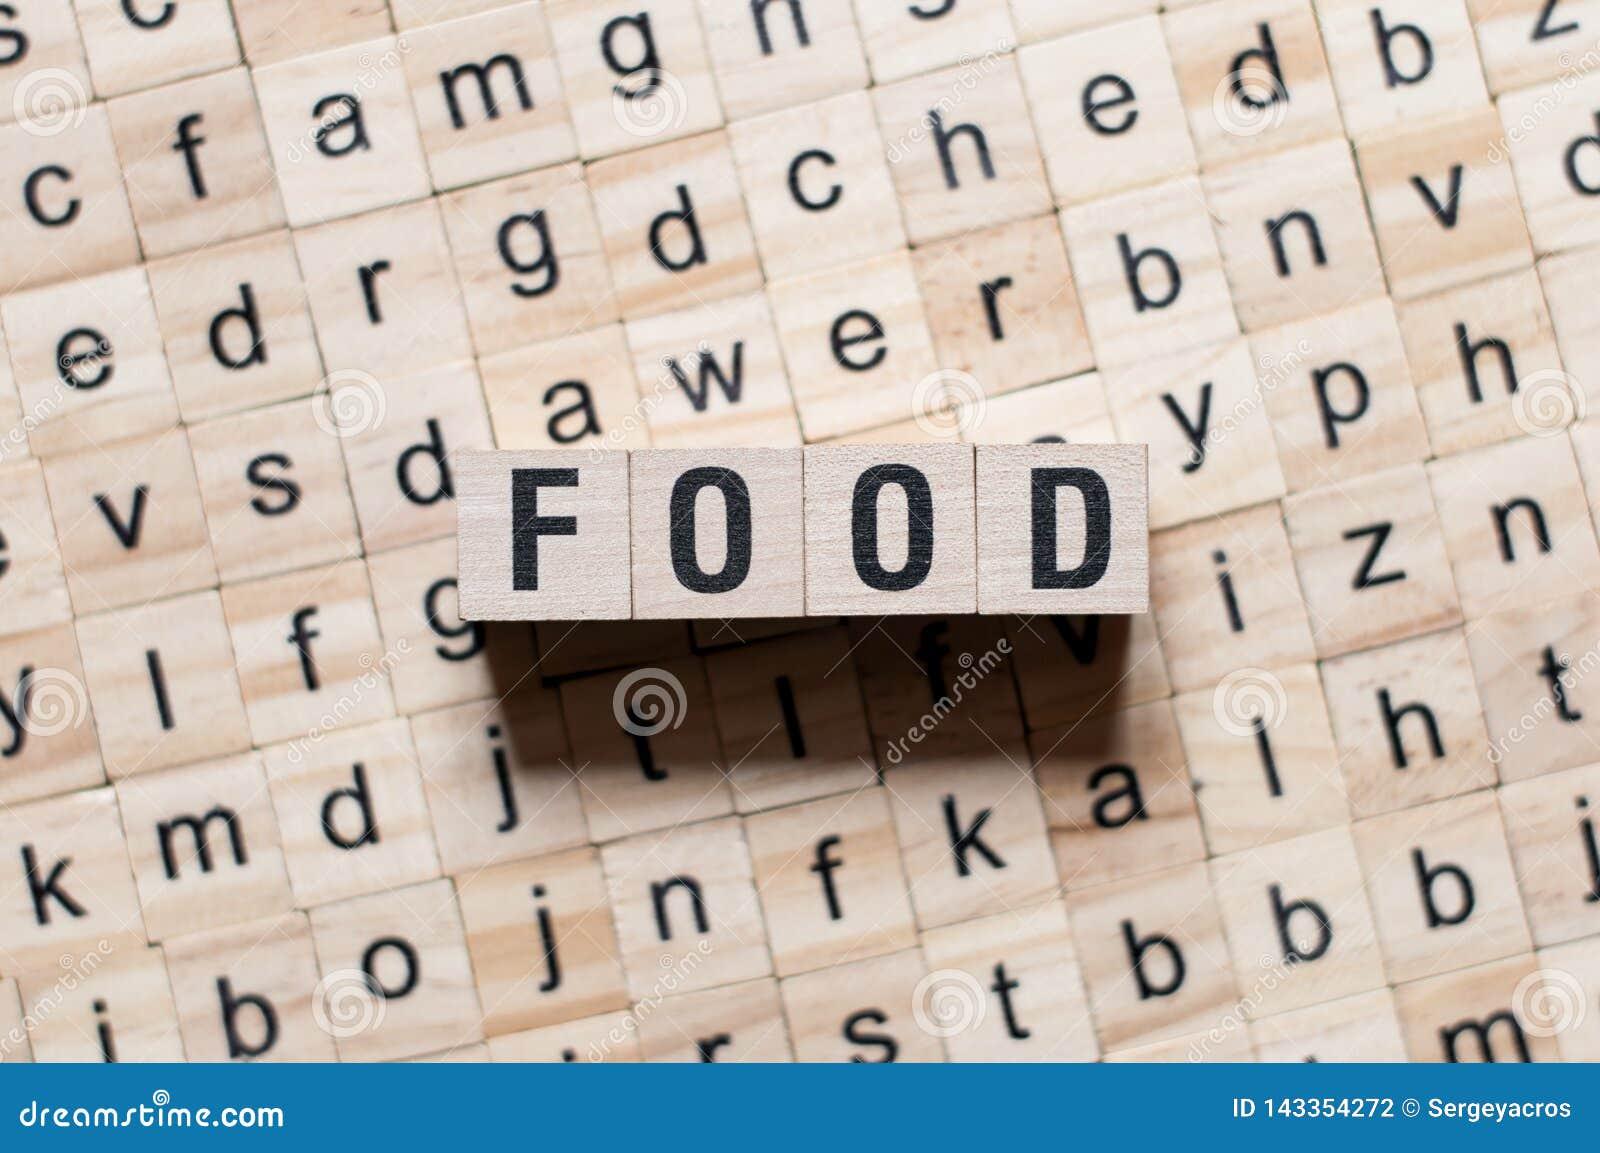 Conceot de la palabra de la comida